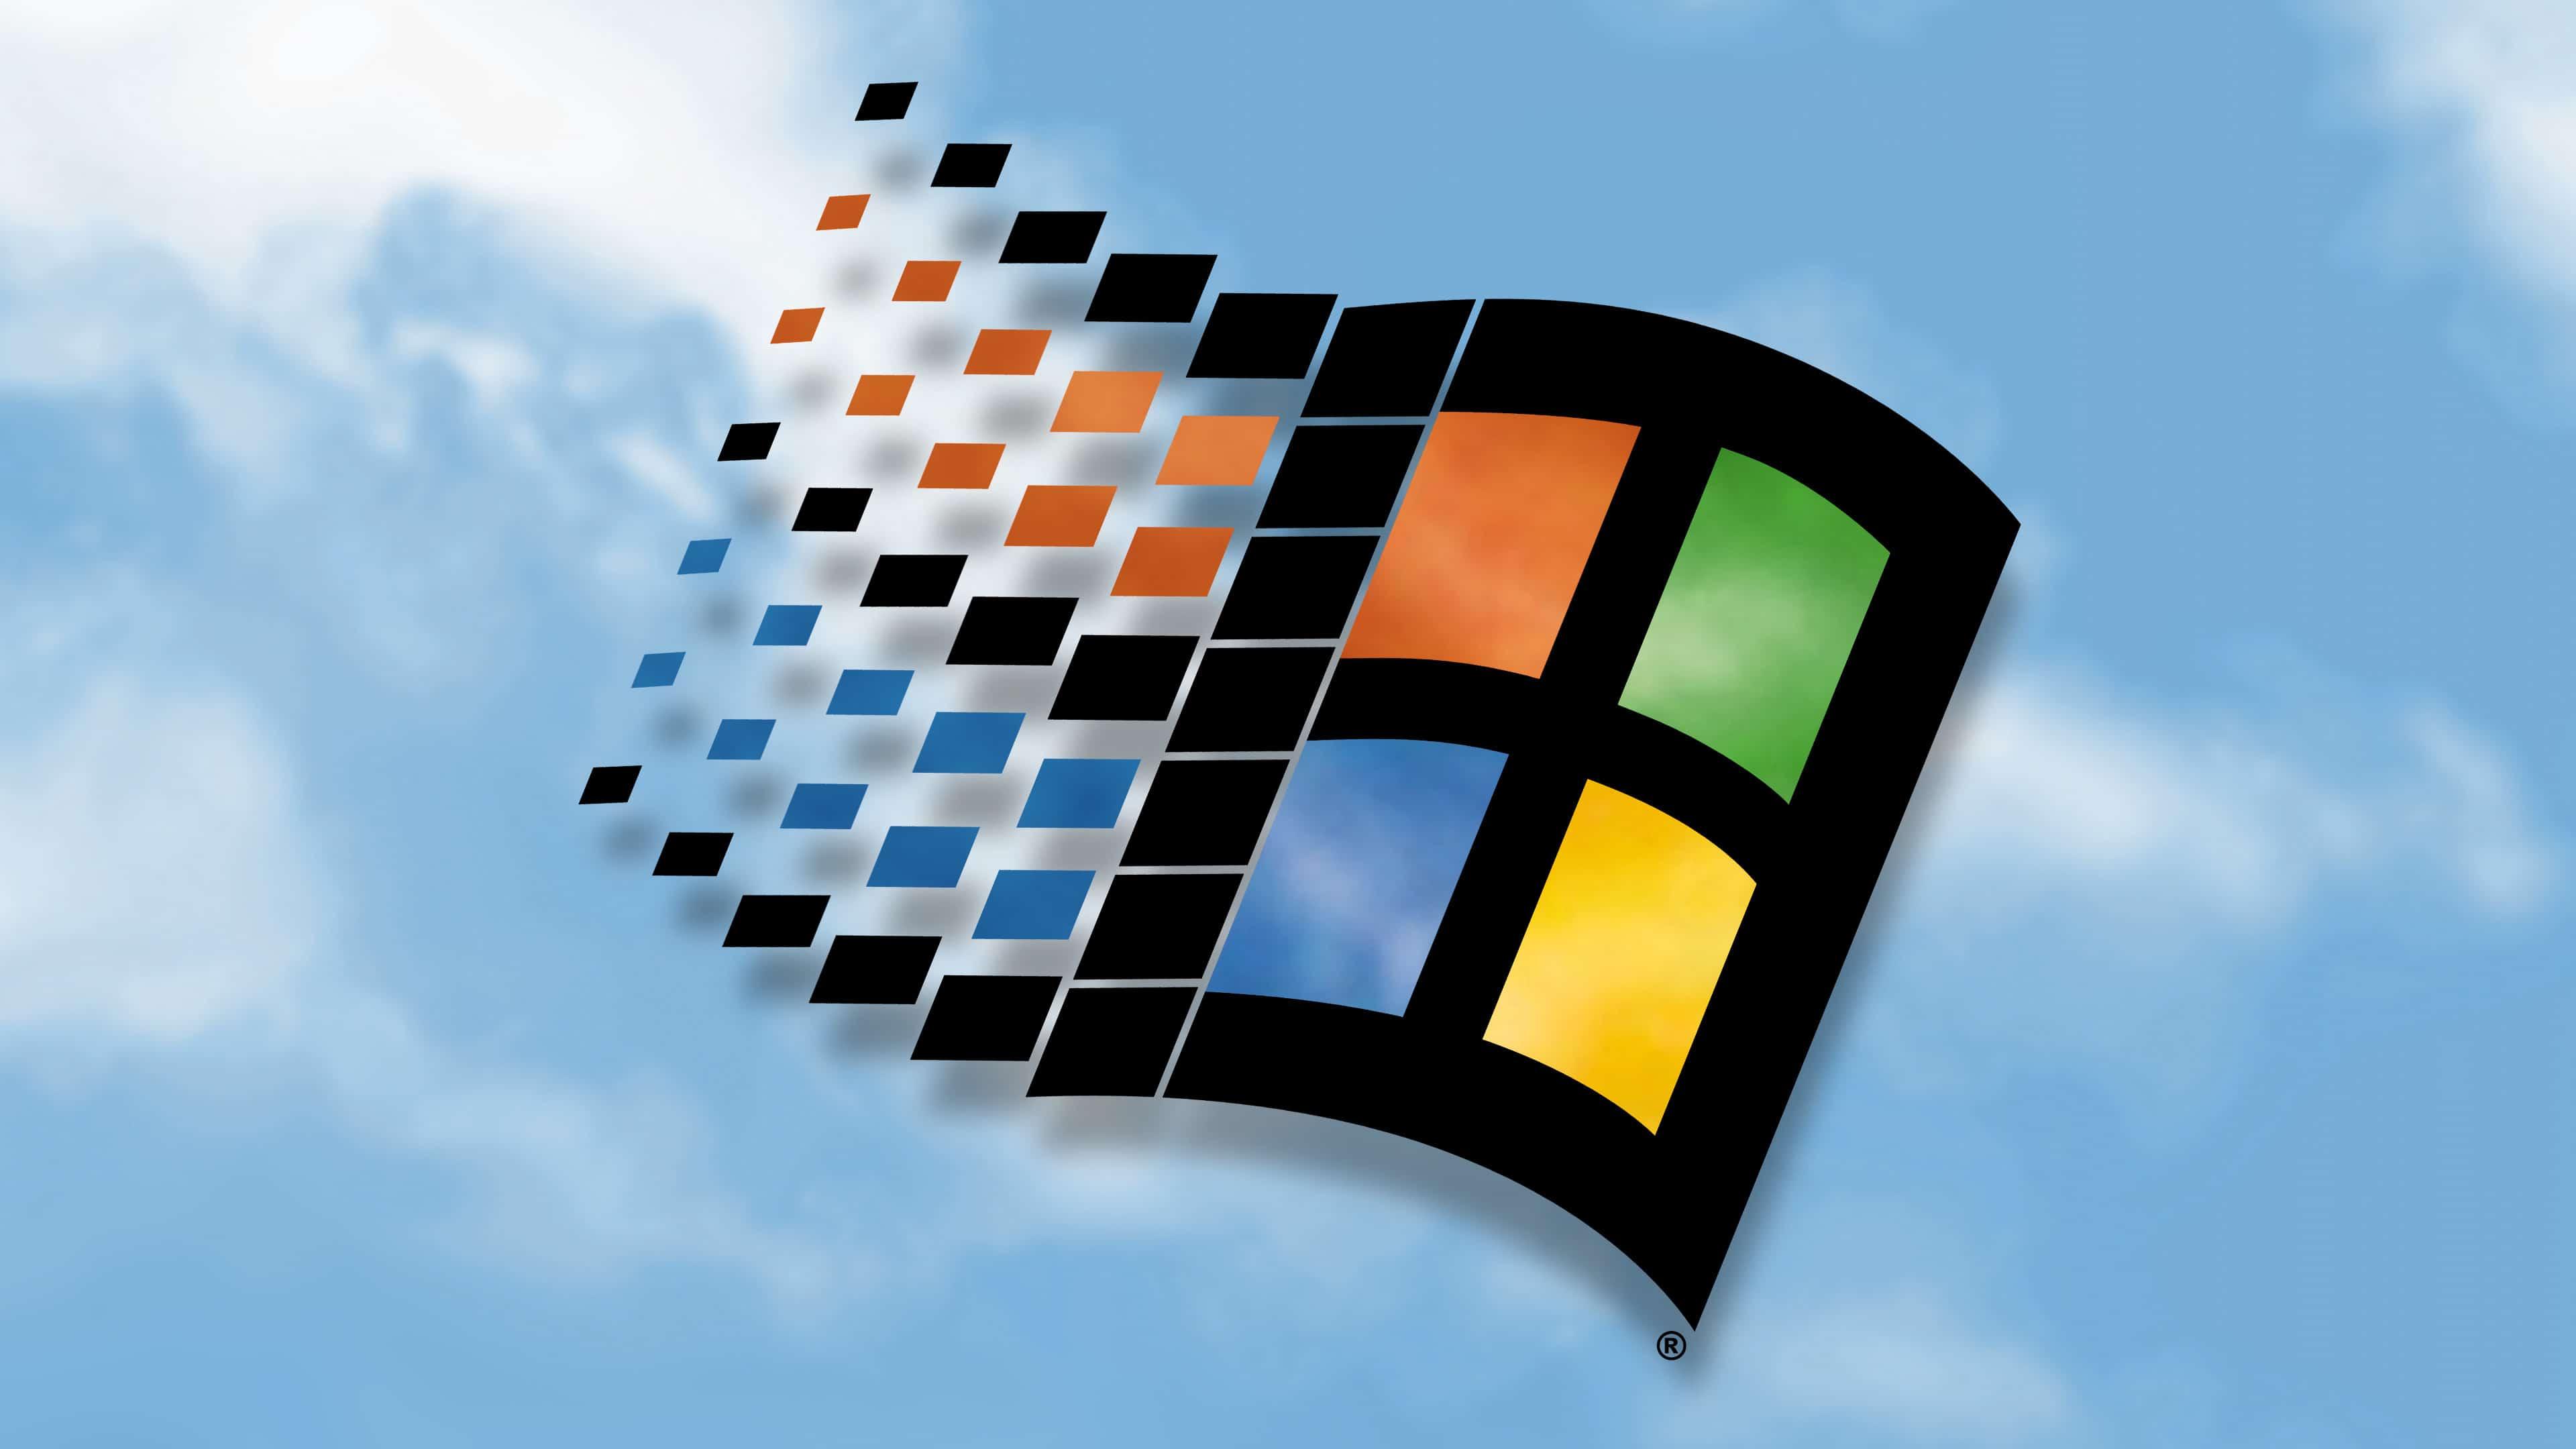 windows 98 logo uhd 4k wallpaper